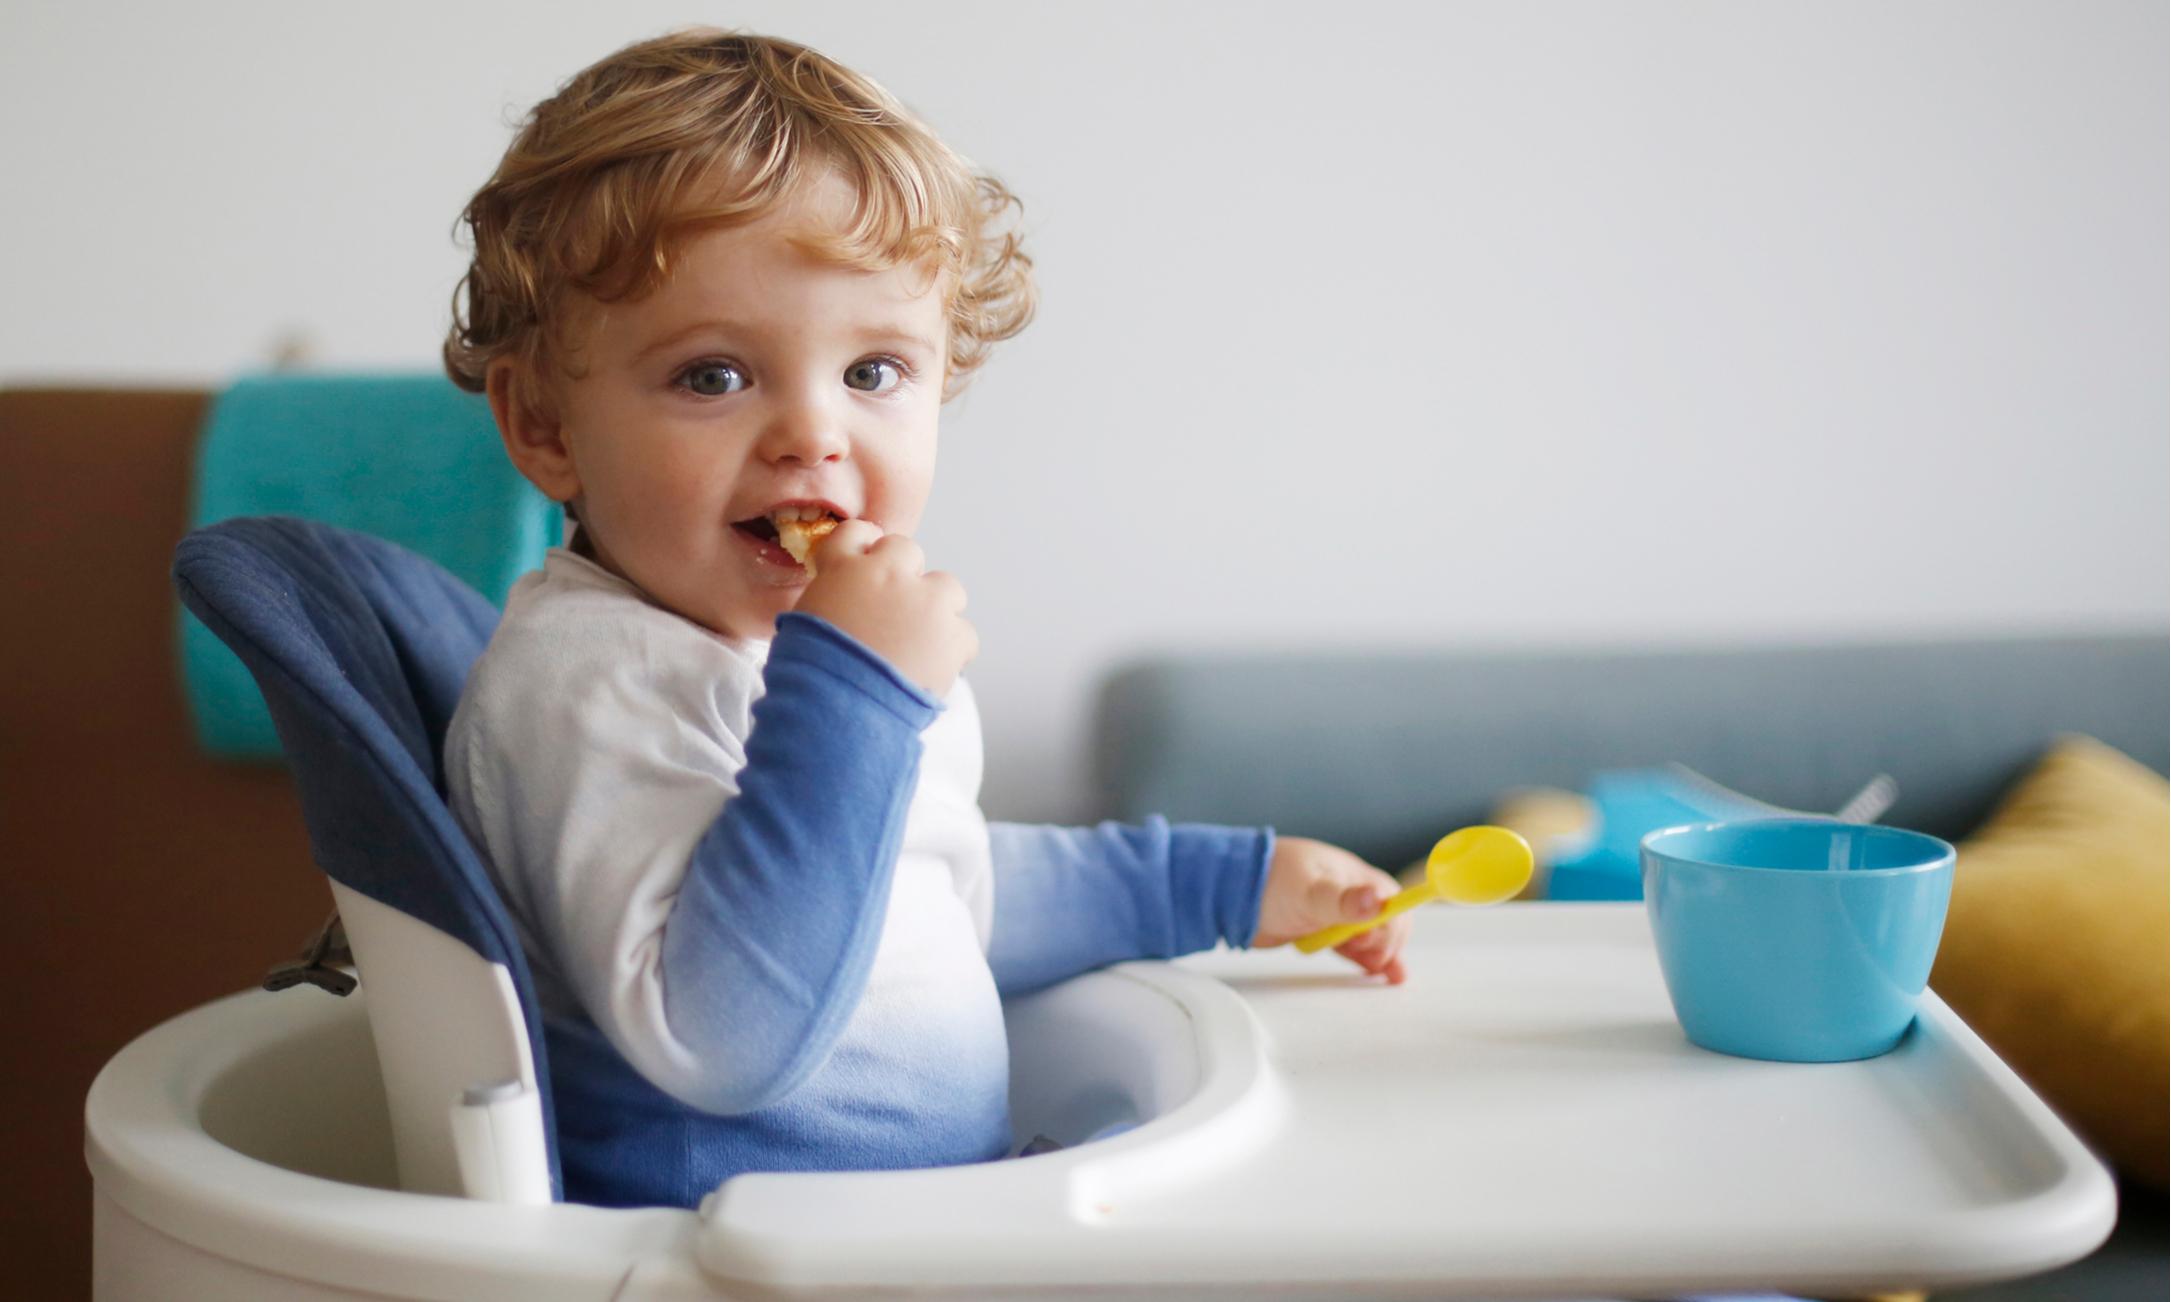 Стоит ли давать ребенку аптечные витамины